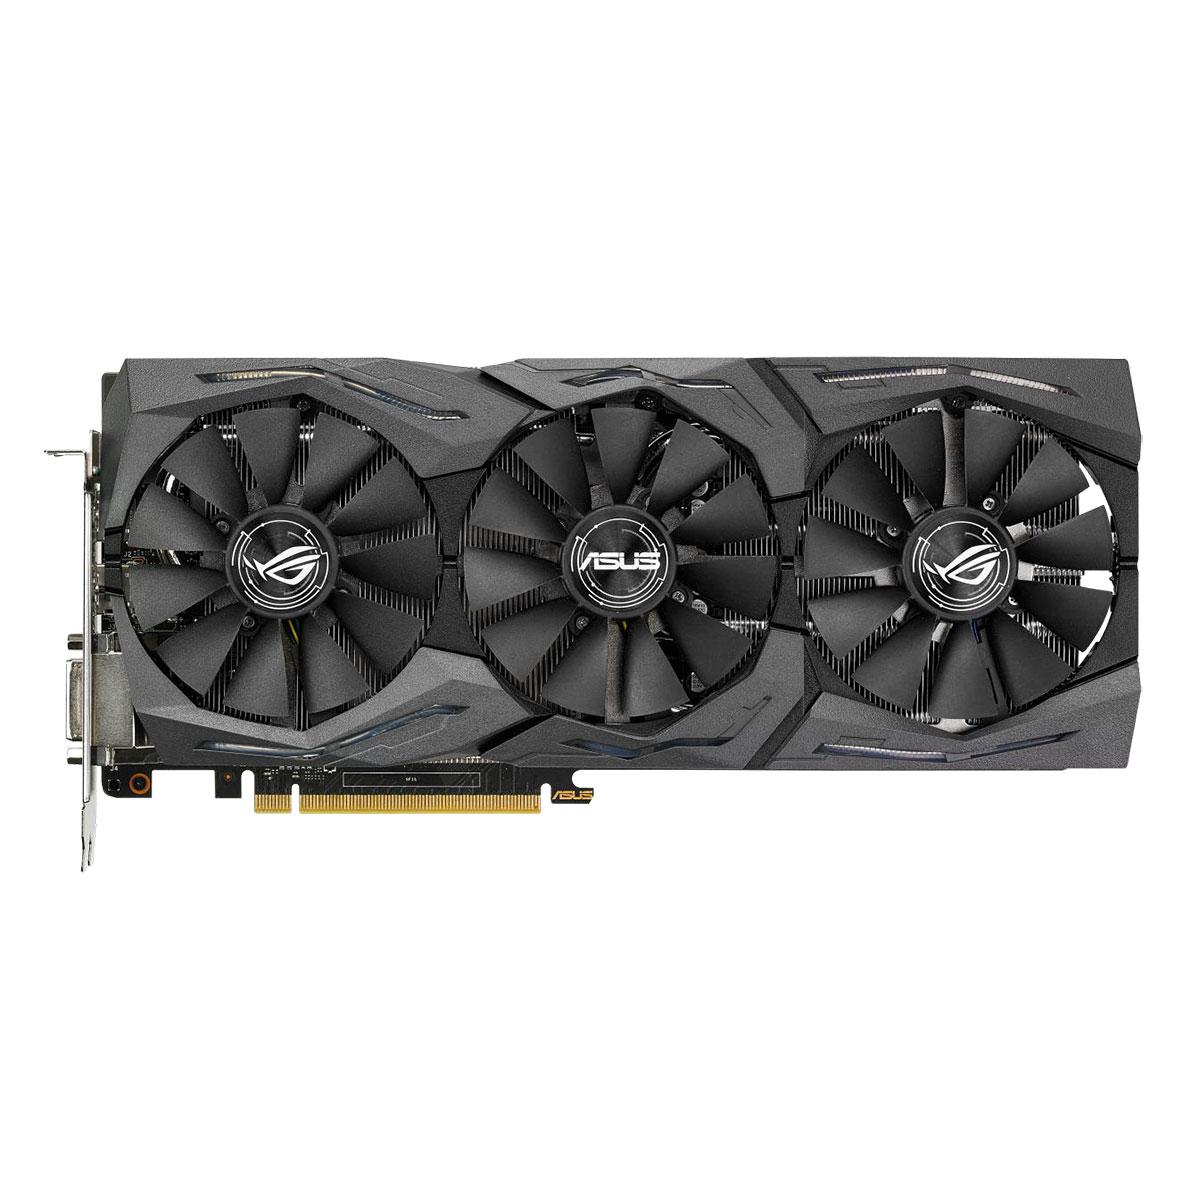 Asus GeForce GTX 1060 ROG STRIX-GTX1060-6G-GAMING (STRIX-GTX1060-6G-GAMING **) - Achat / Vente Carte graphique sur Cybertek.fr - 3